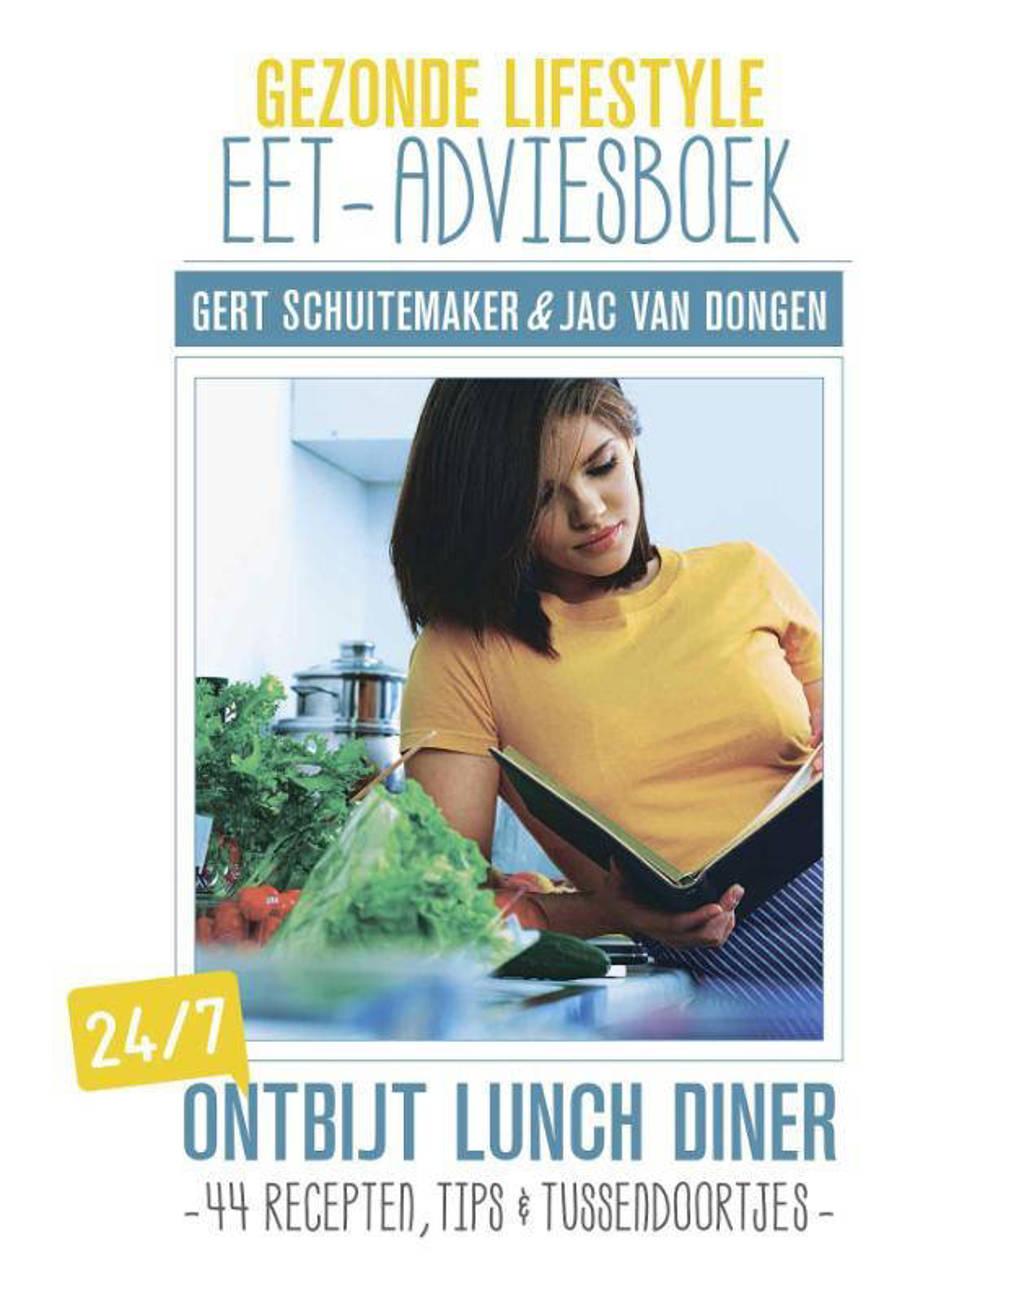 Gezonde lifestyle eet-adviesboek - Gert Schuitemaker en Jac van Dongen